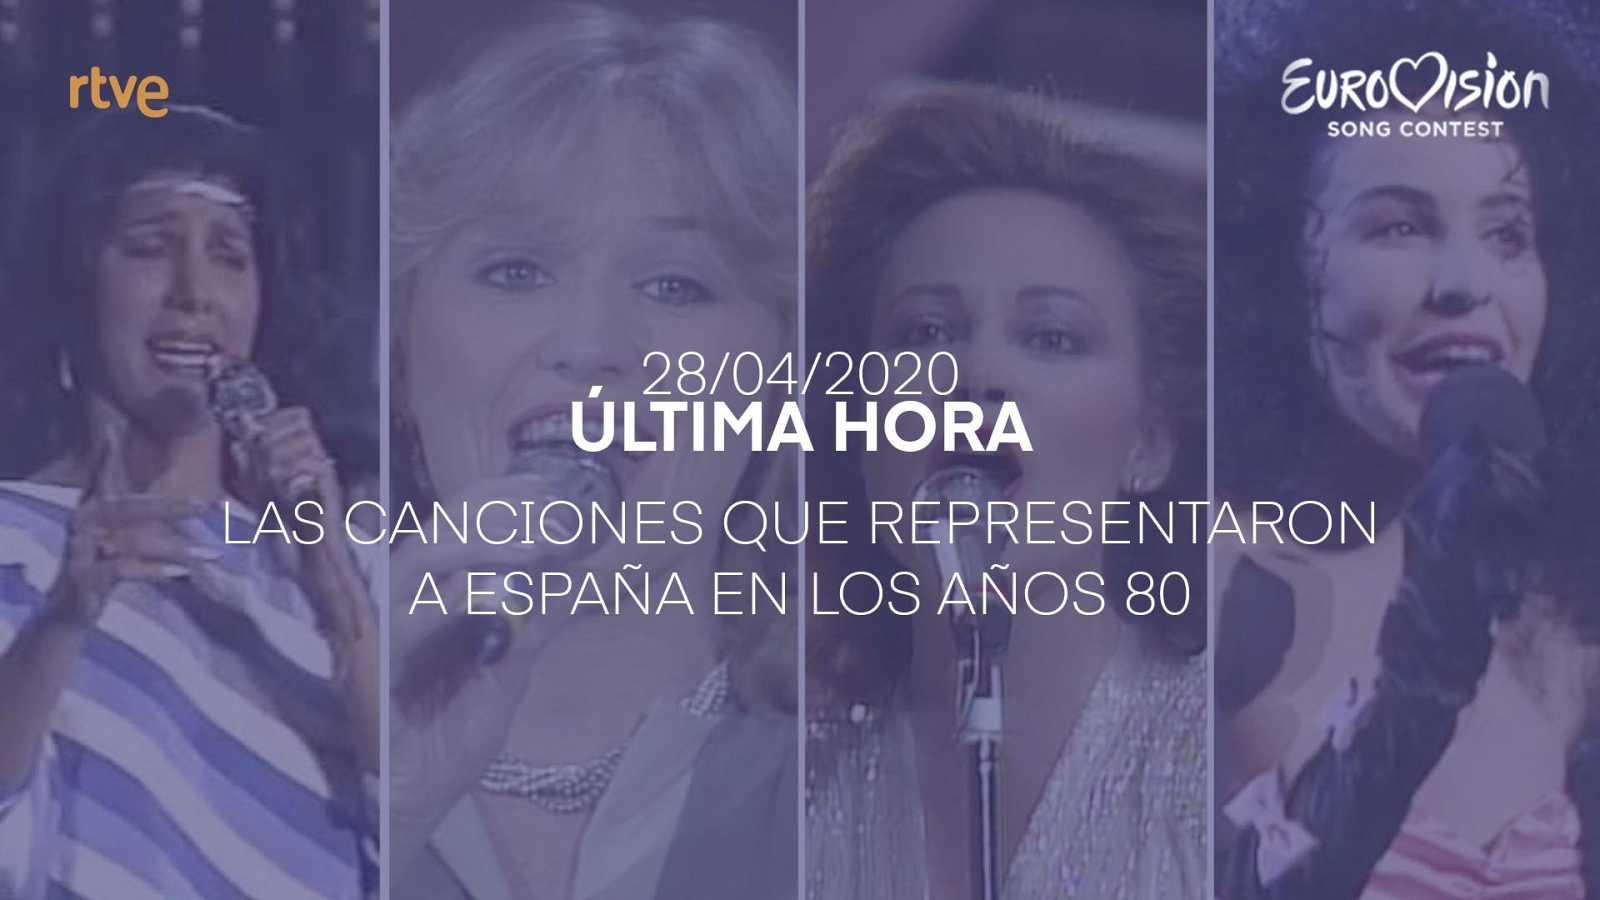 Eurovisión 2020 - Las canciones que representaron a España en los 80